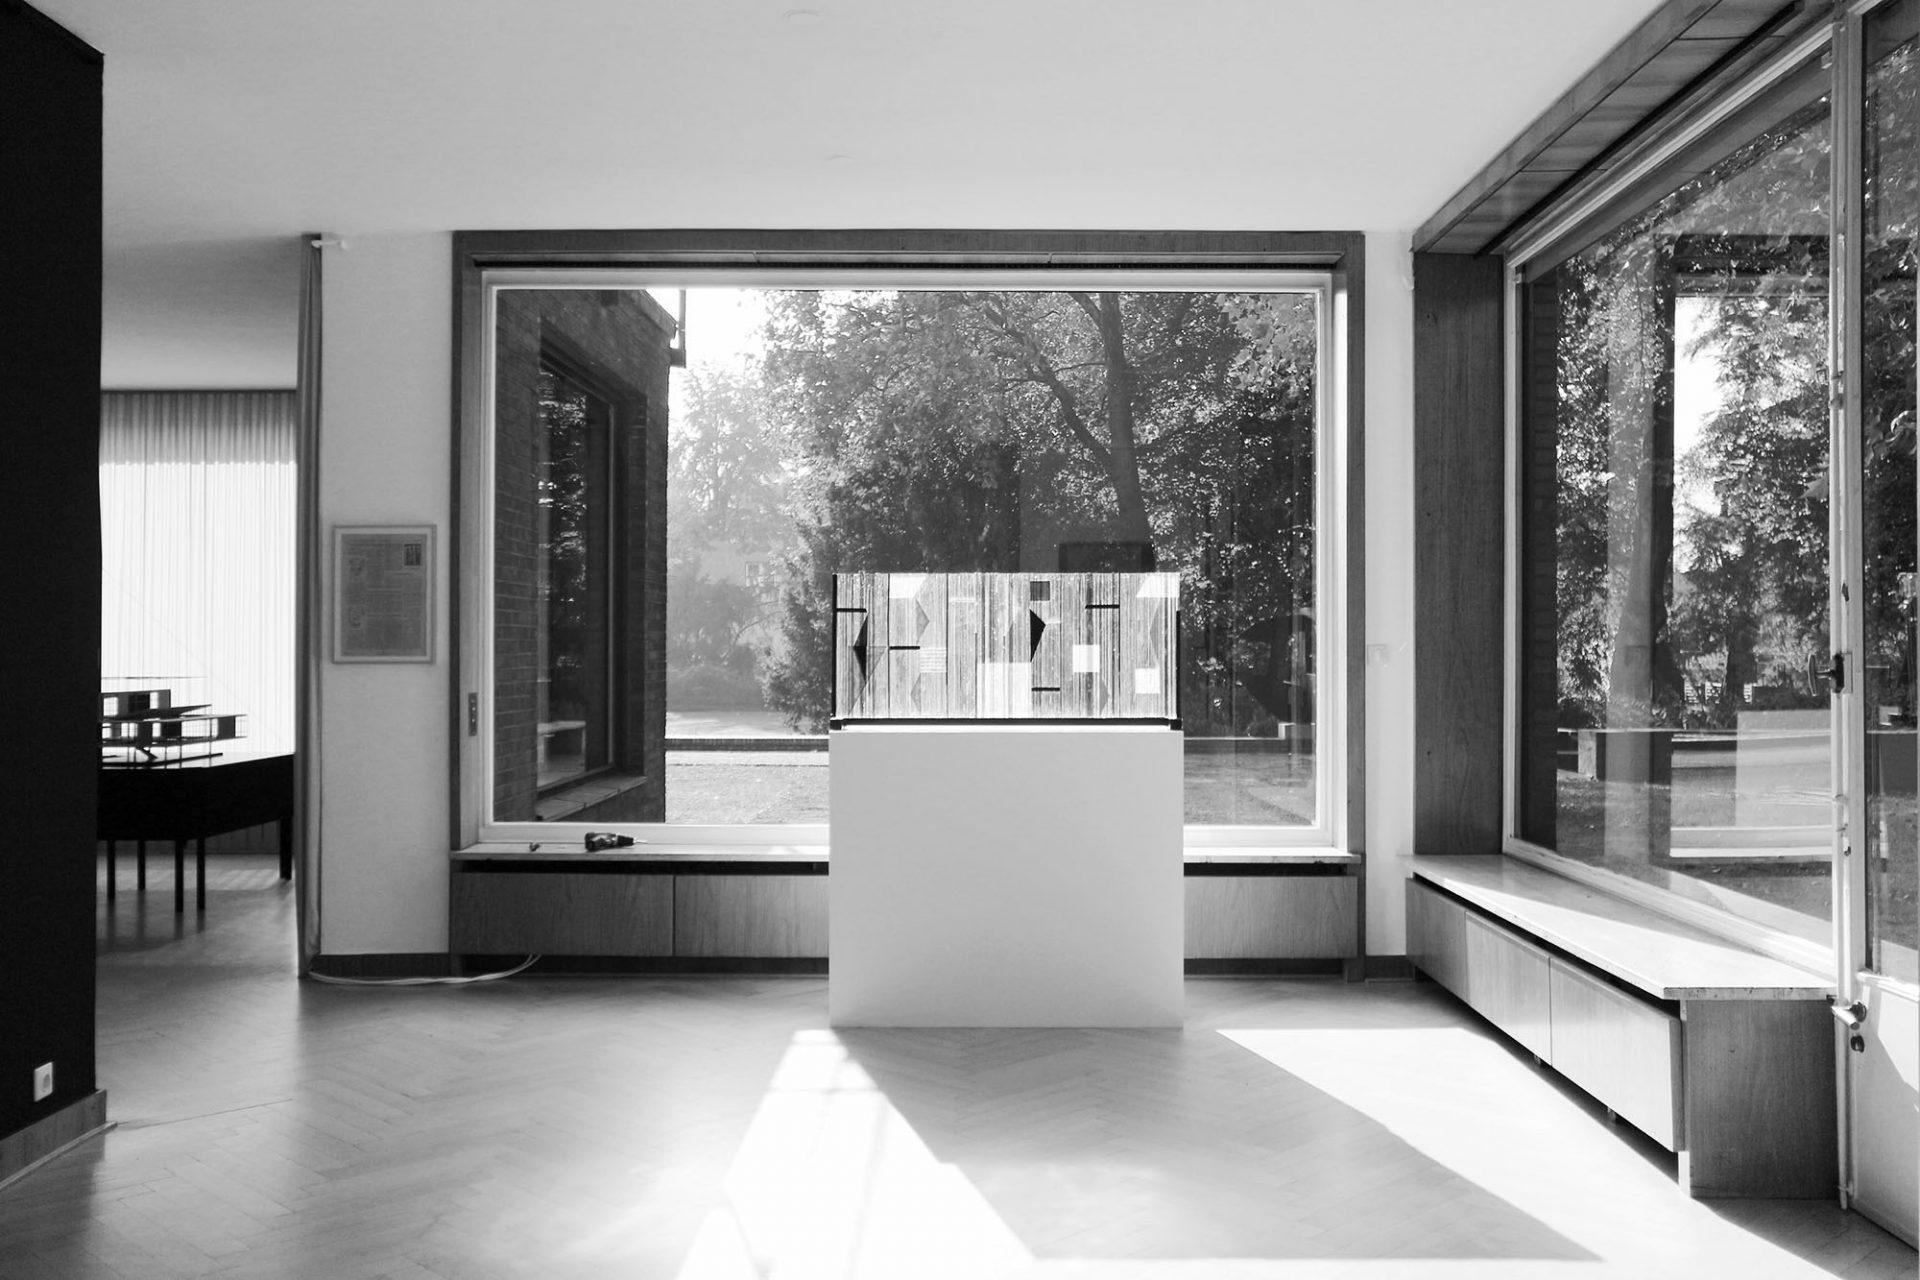 Haus Lange. Große Fensteröffnungen und niedrige Brüstungshöhen